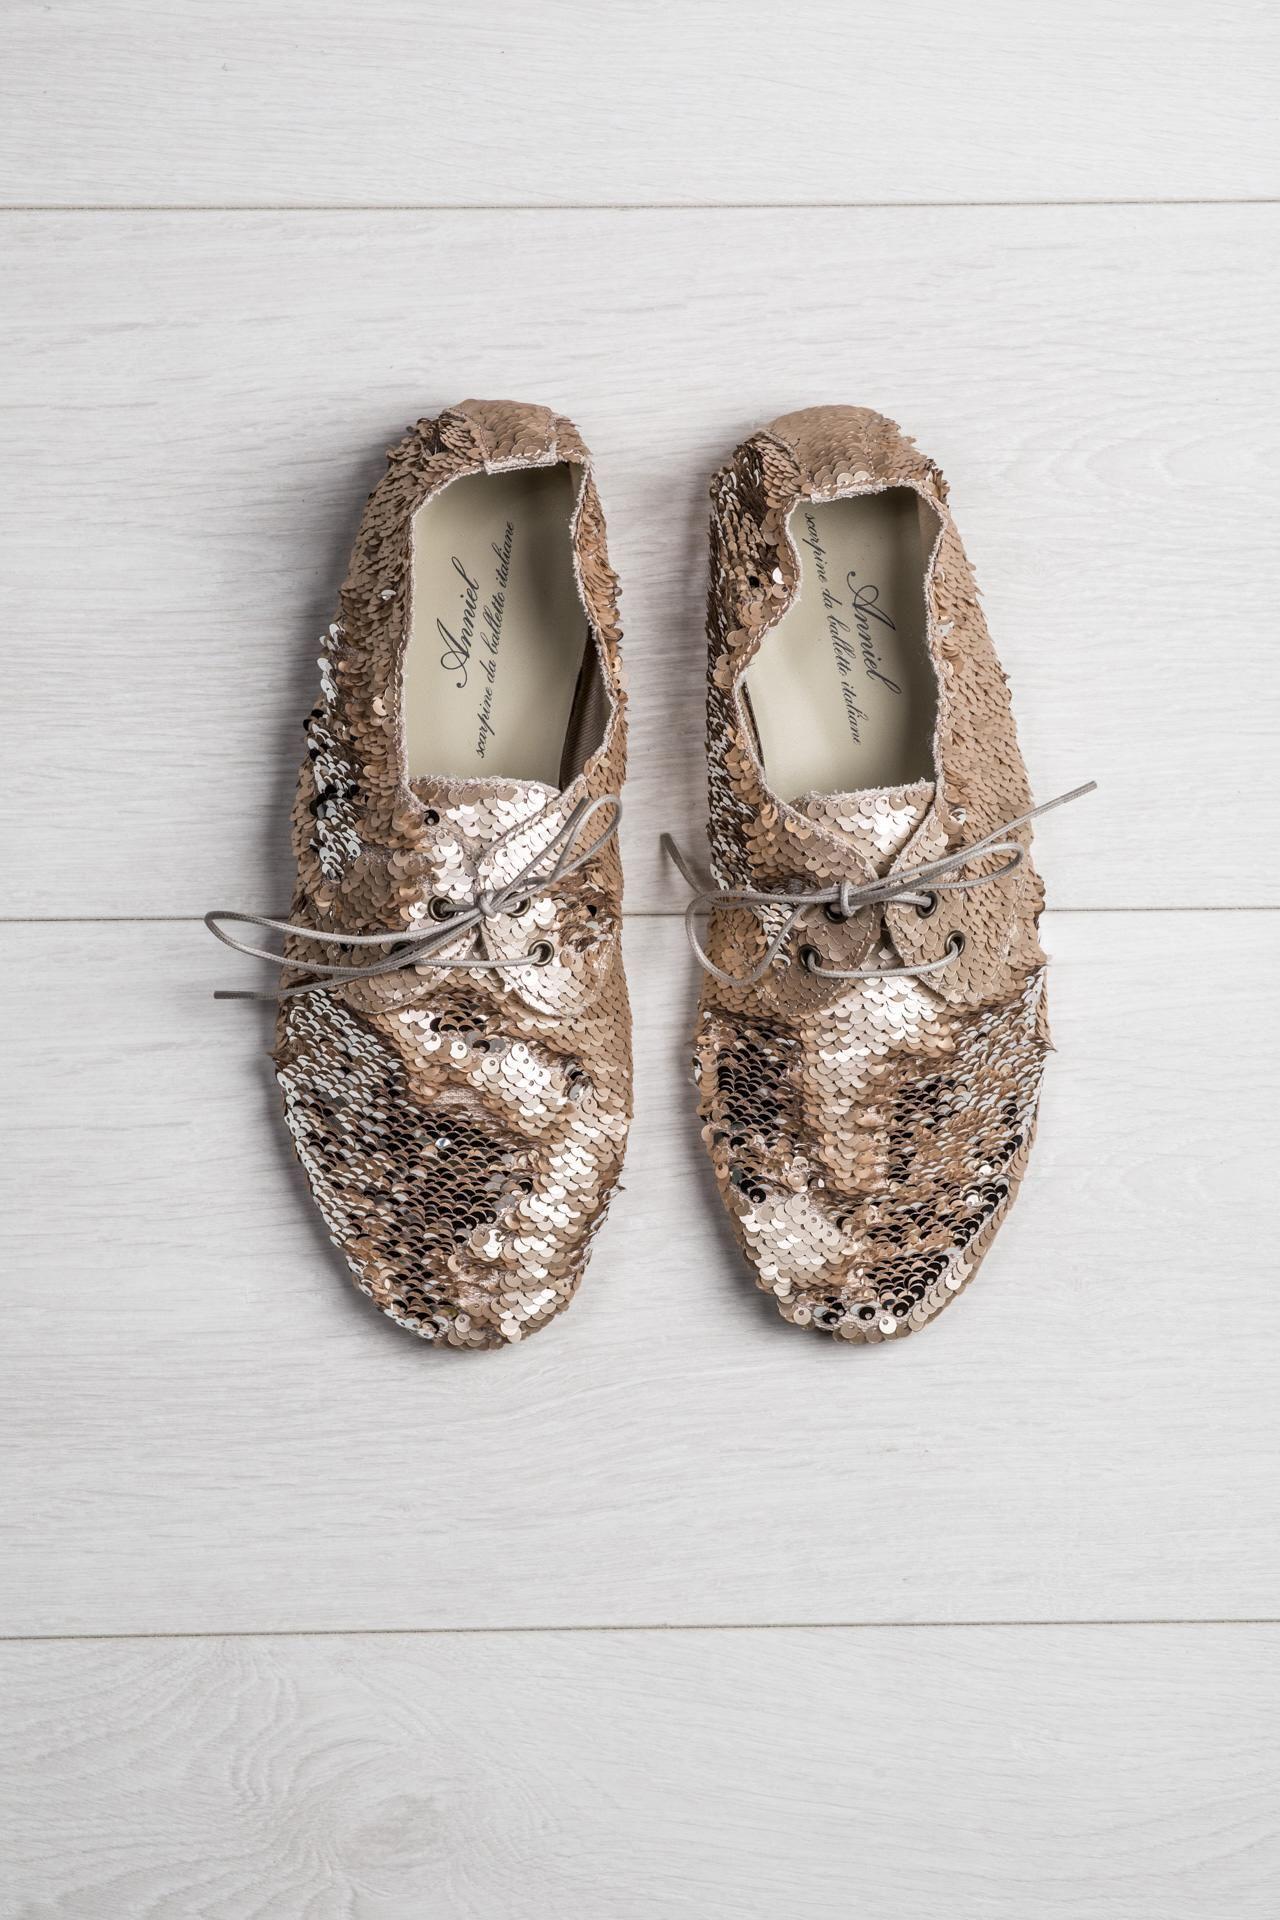 Miekkie Blyszczace Cekinowe Buty W Kolorze Lososiowym Cekiny Na Cholewce Mozna Ukladac Quot Z Wlosem Quot I Quot Pod Wlos Quot Uz Shoes Loafers Fashion